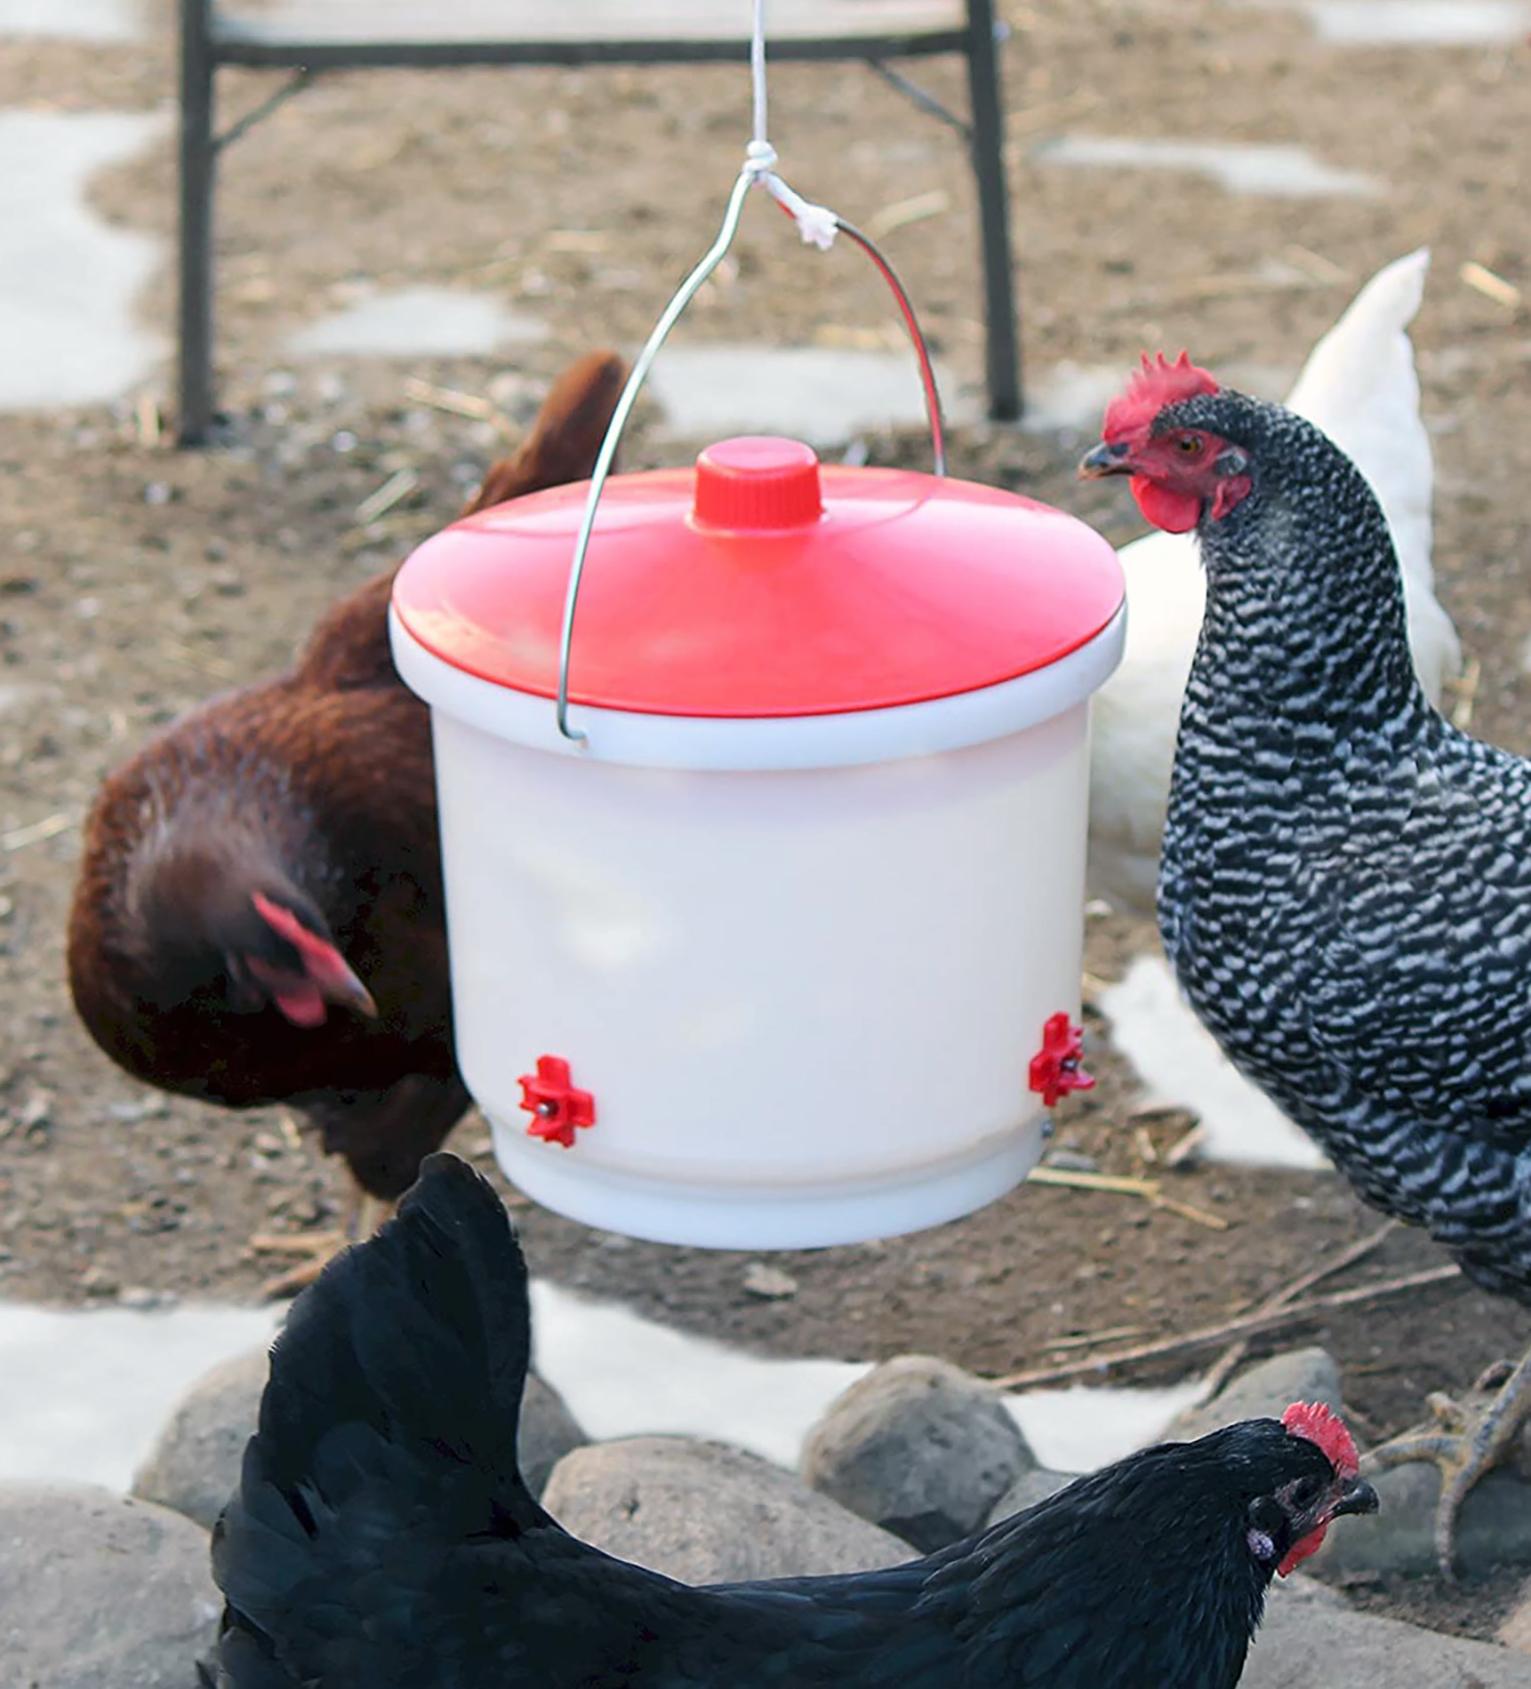 heated poultry drinker